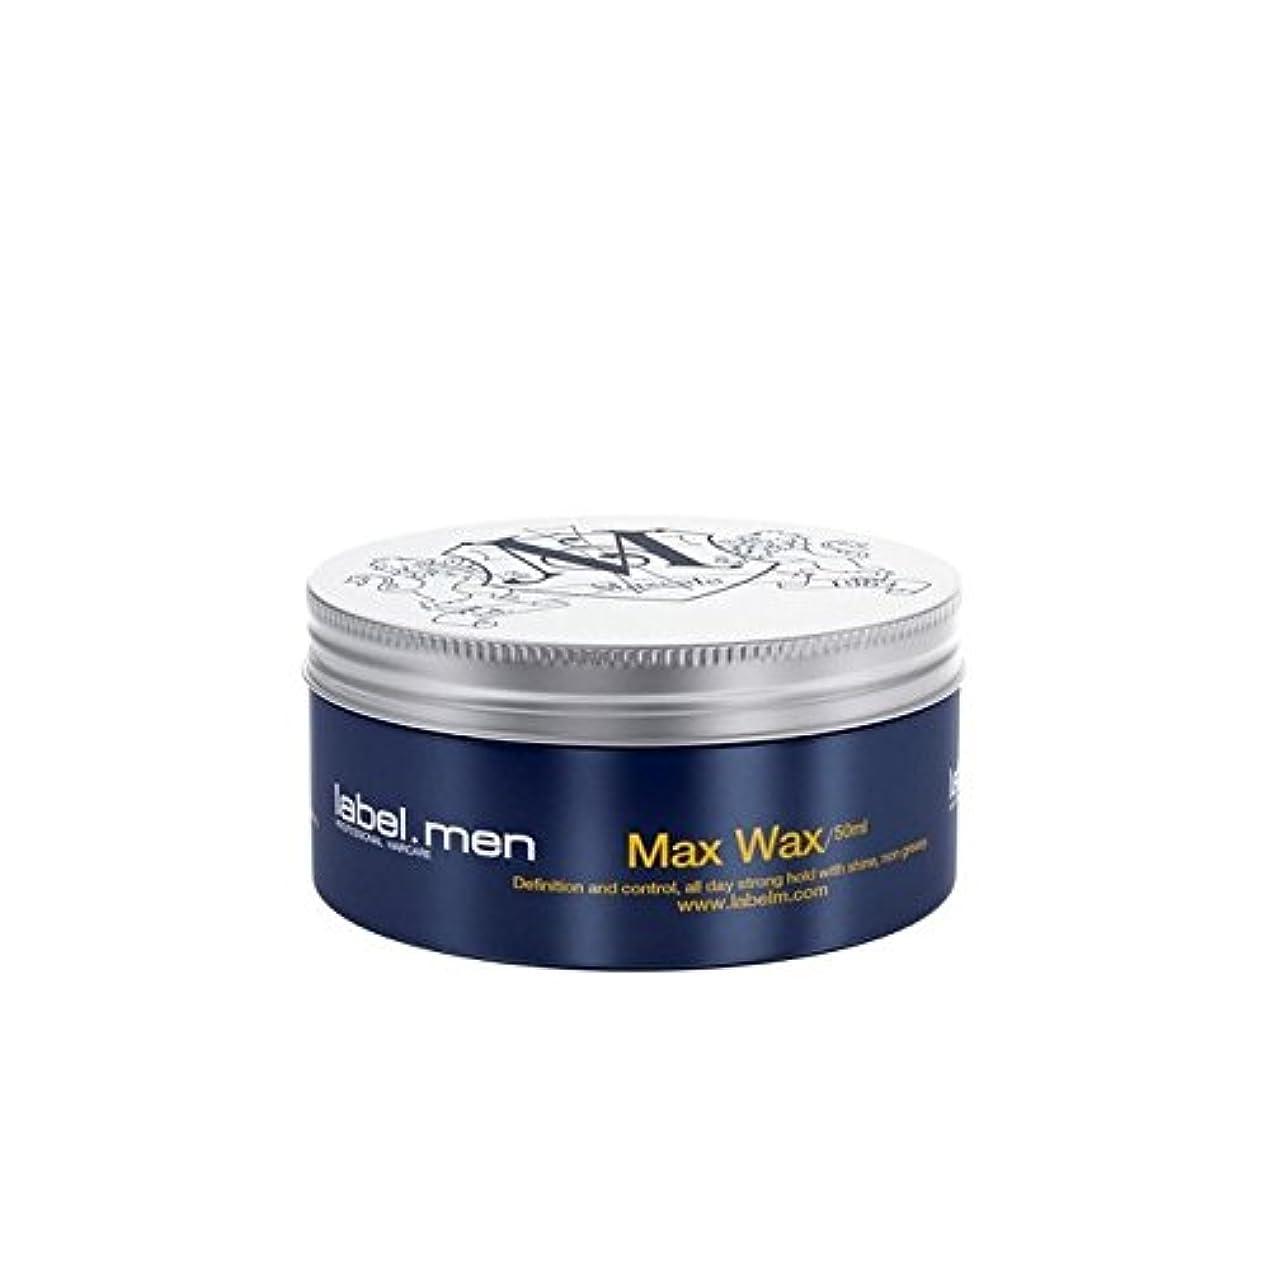 自動車好み感嘆.マックスワックス(50ミリリットル) x4 - Label.Men Max Wax (50ml) (Pack of 4) [並行輸入品]